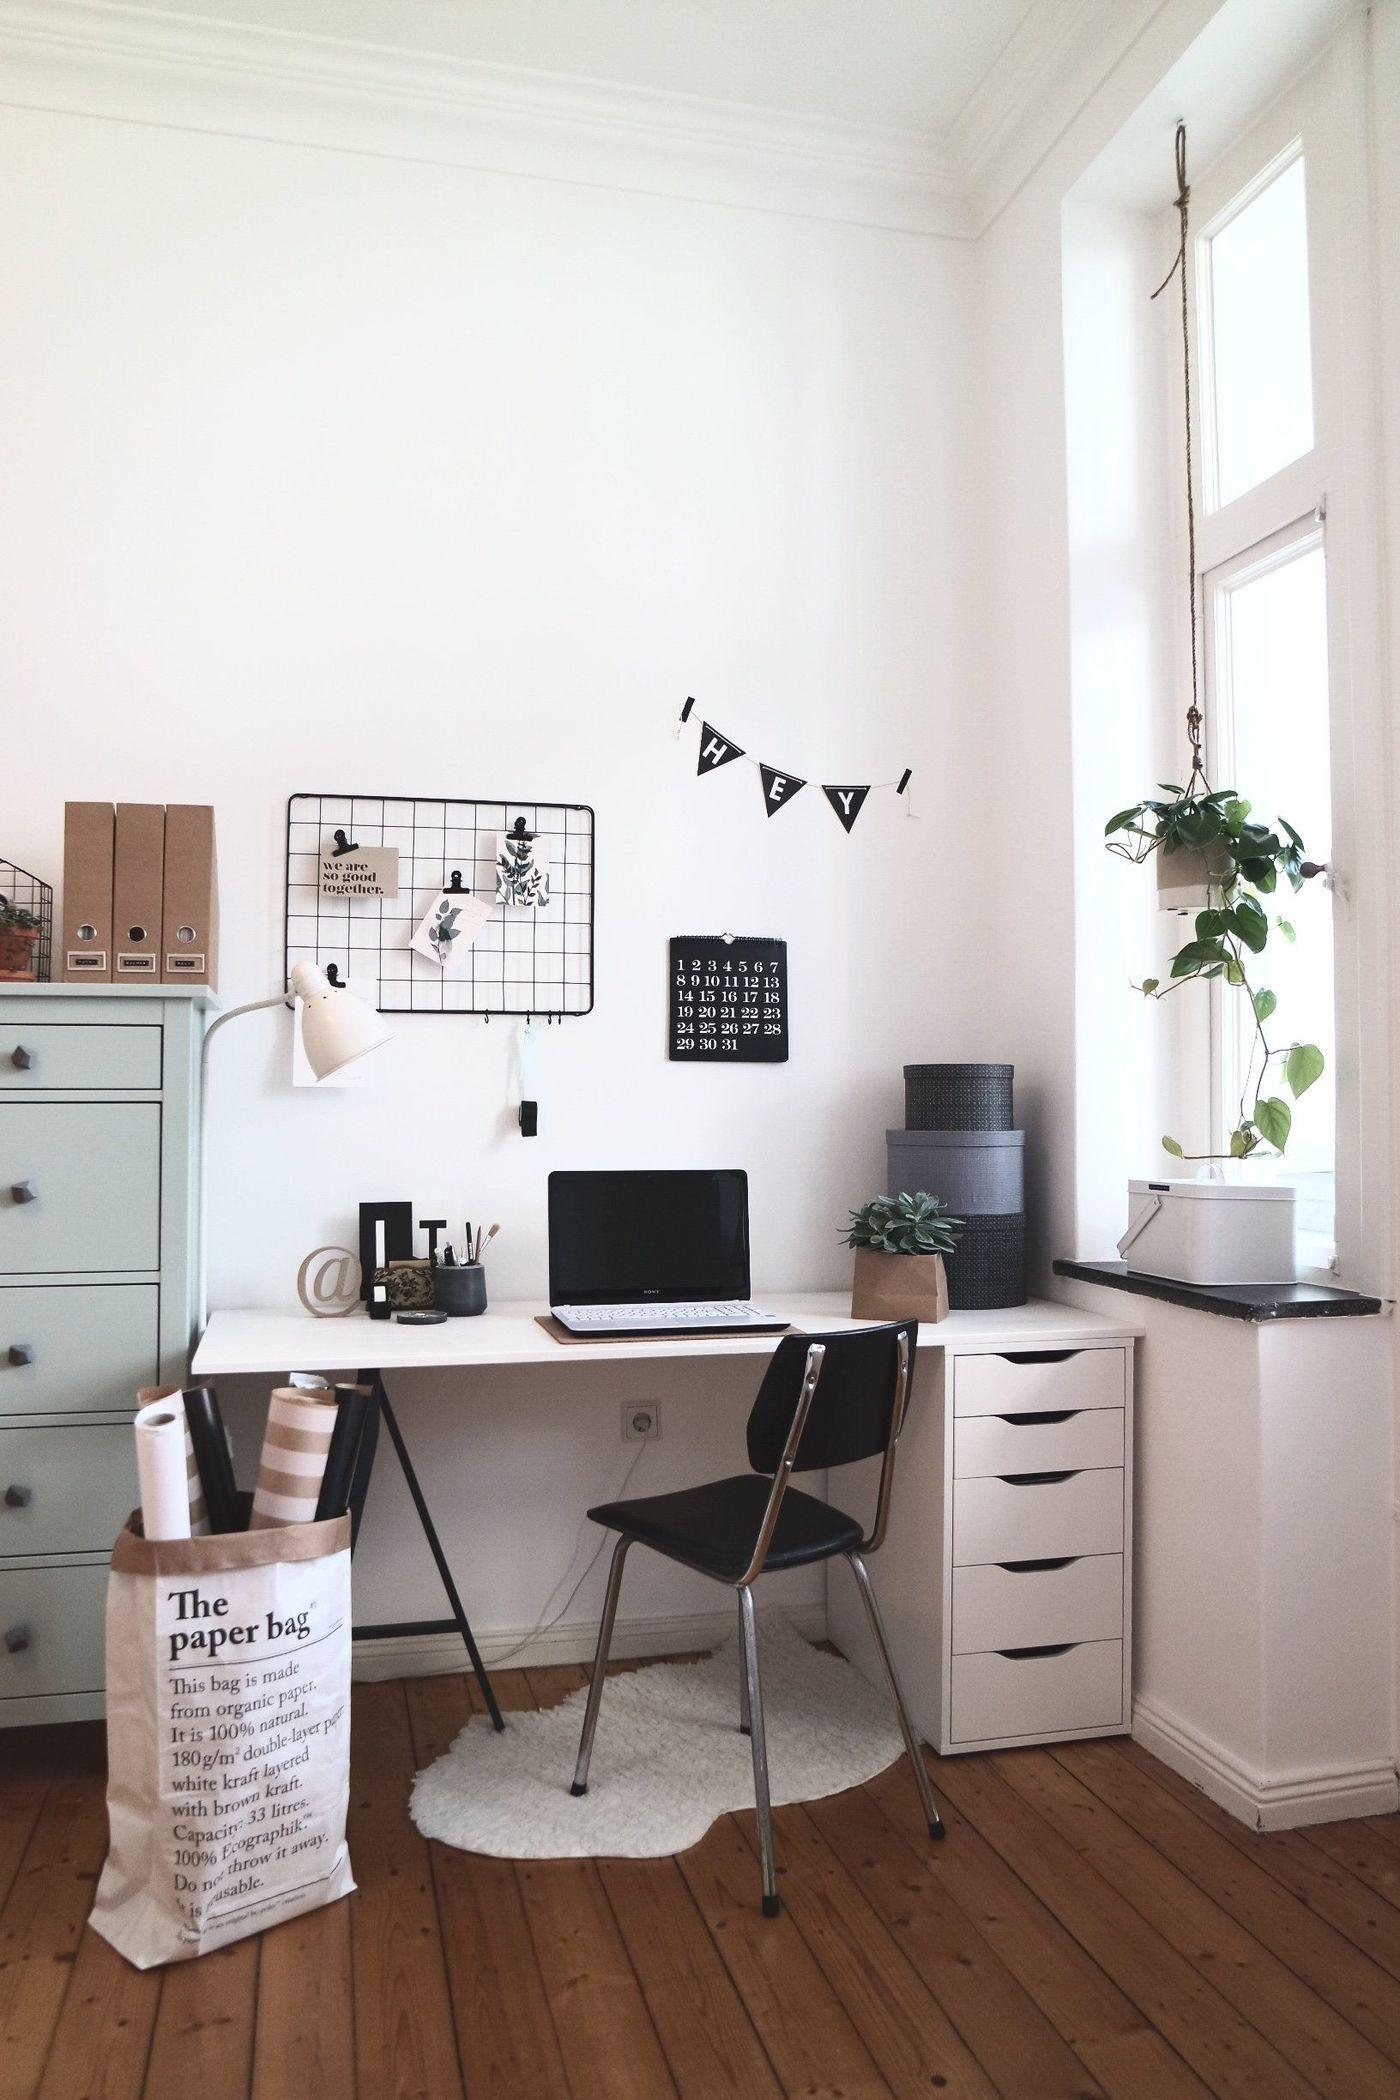 arbeitszimmer einrichten die besten ideen seite 5. Black Bedroom Furniture Sets. Home Design Ideas